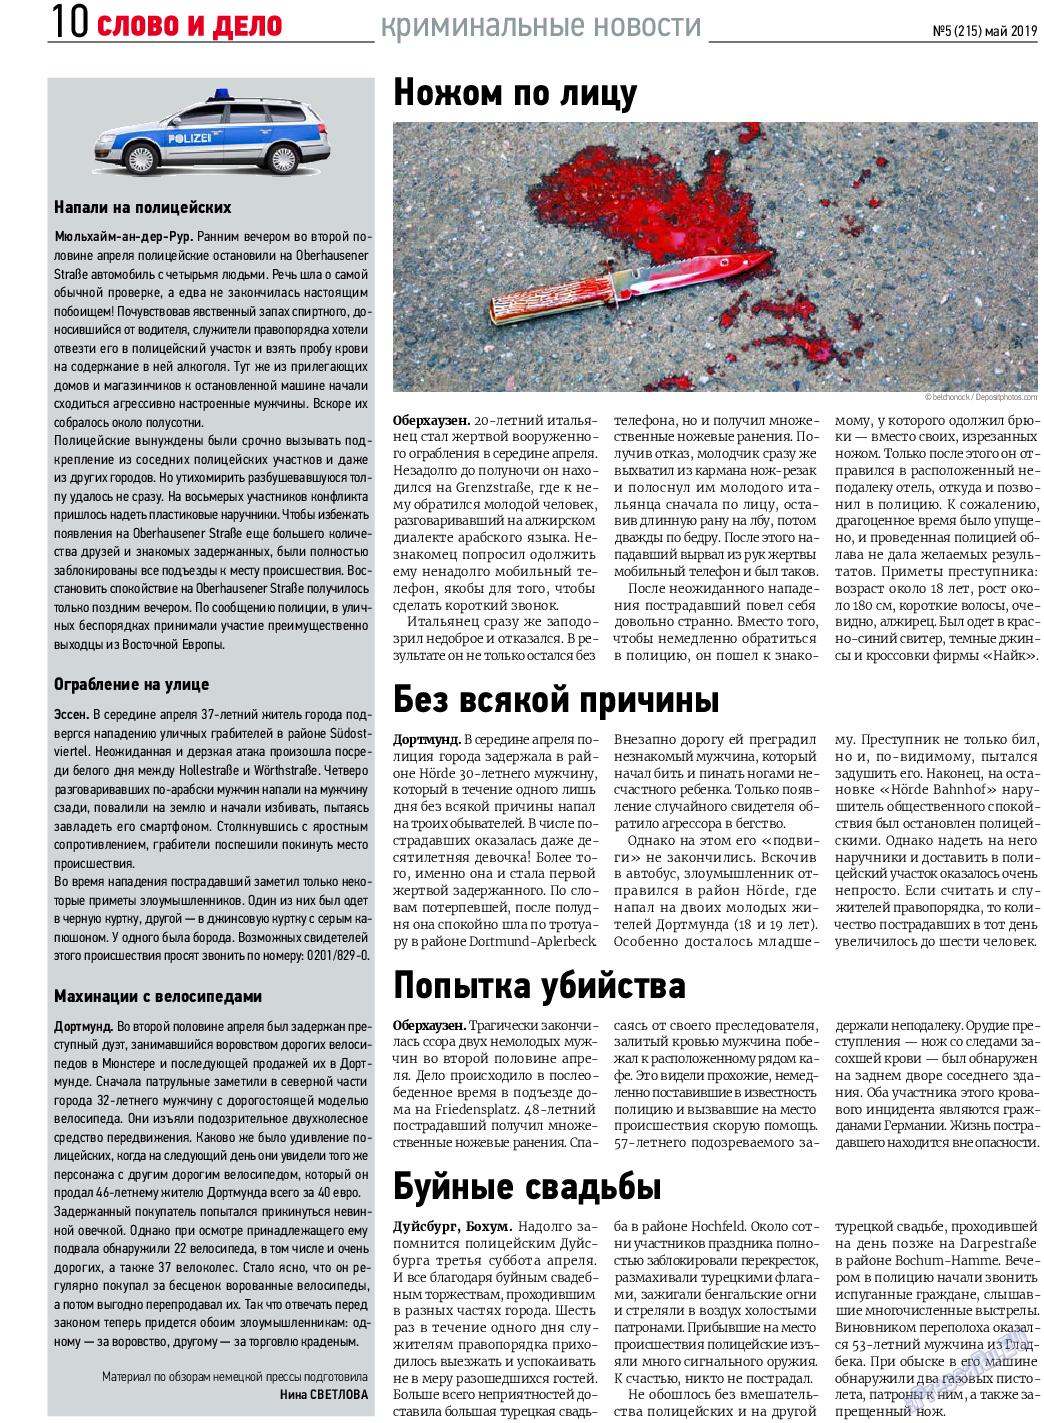 Слово и дело (газета). 2019 год, номер 5, стр. 10